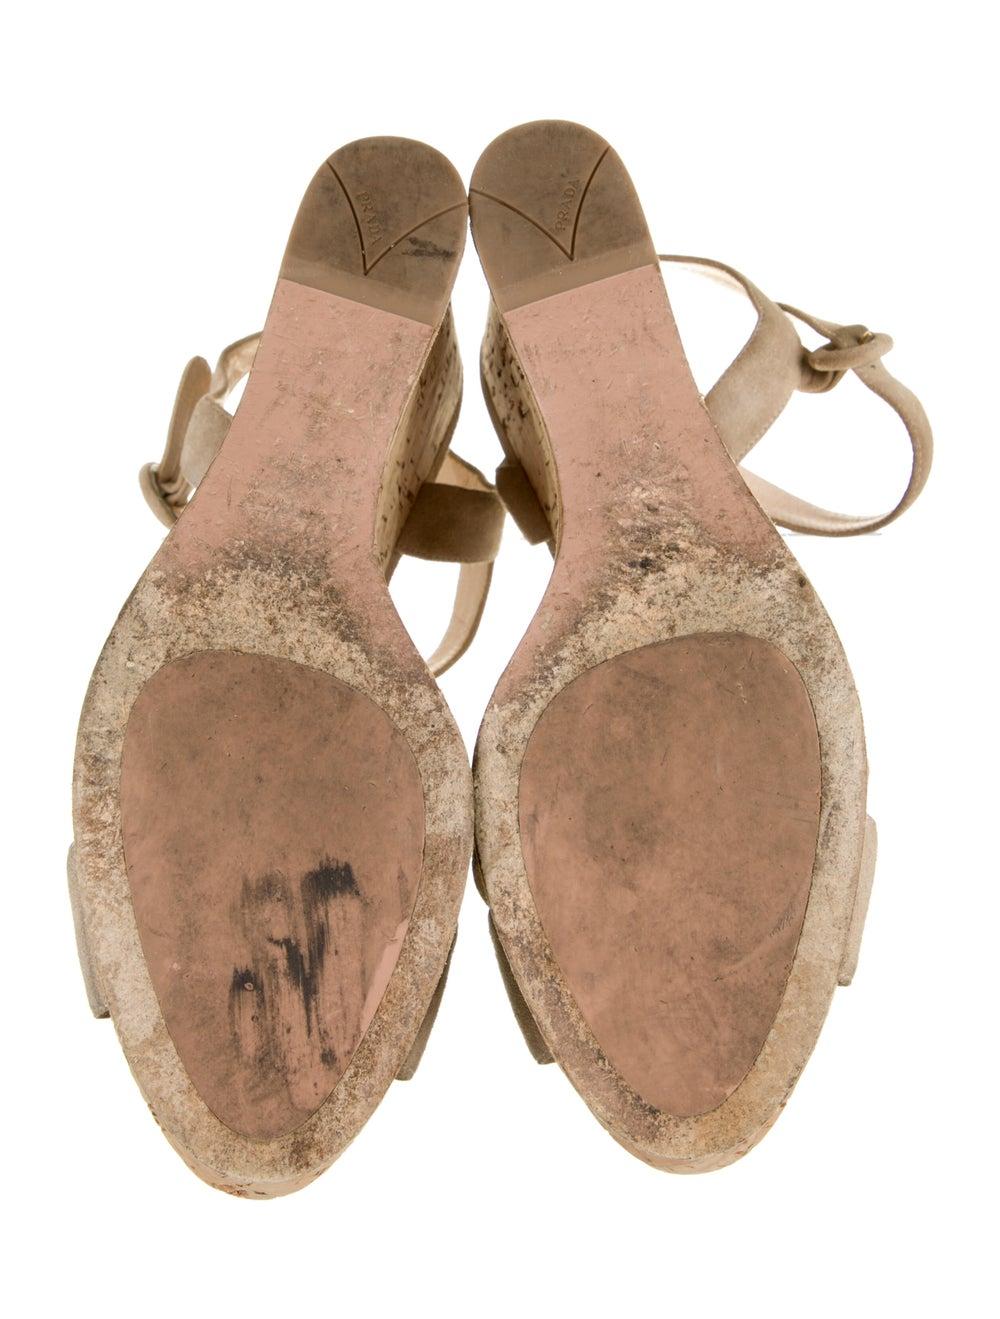 Prada Suede Sandals - image 5